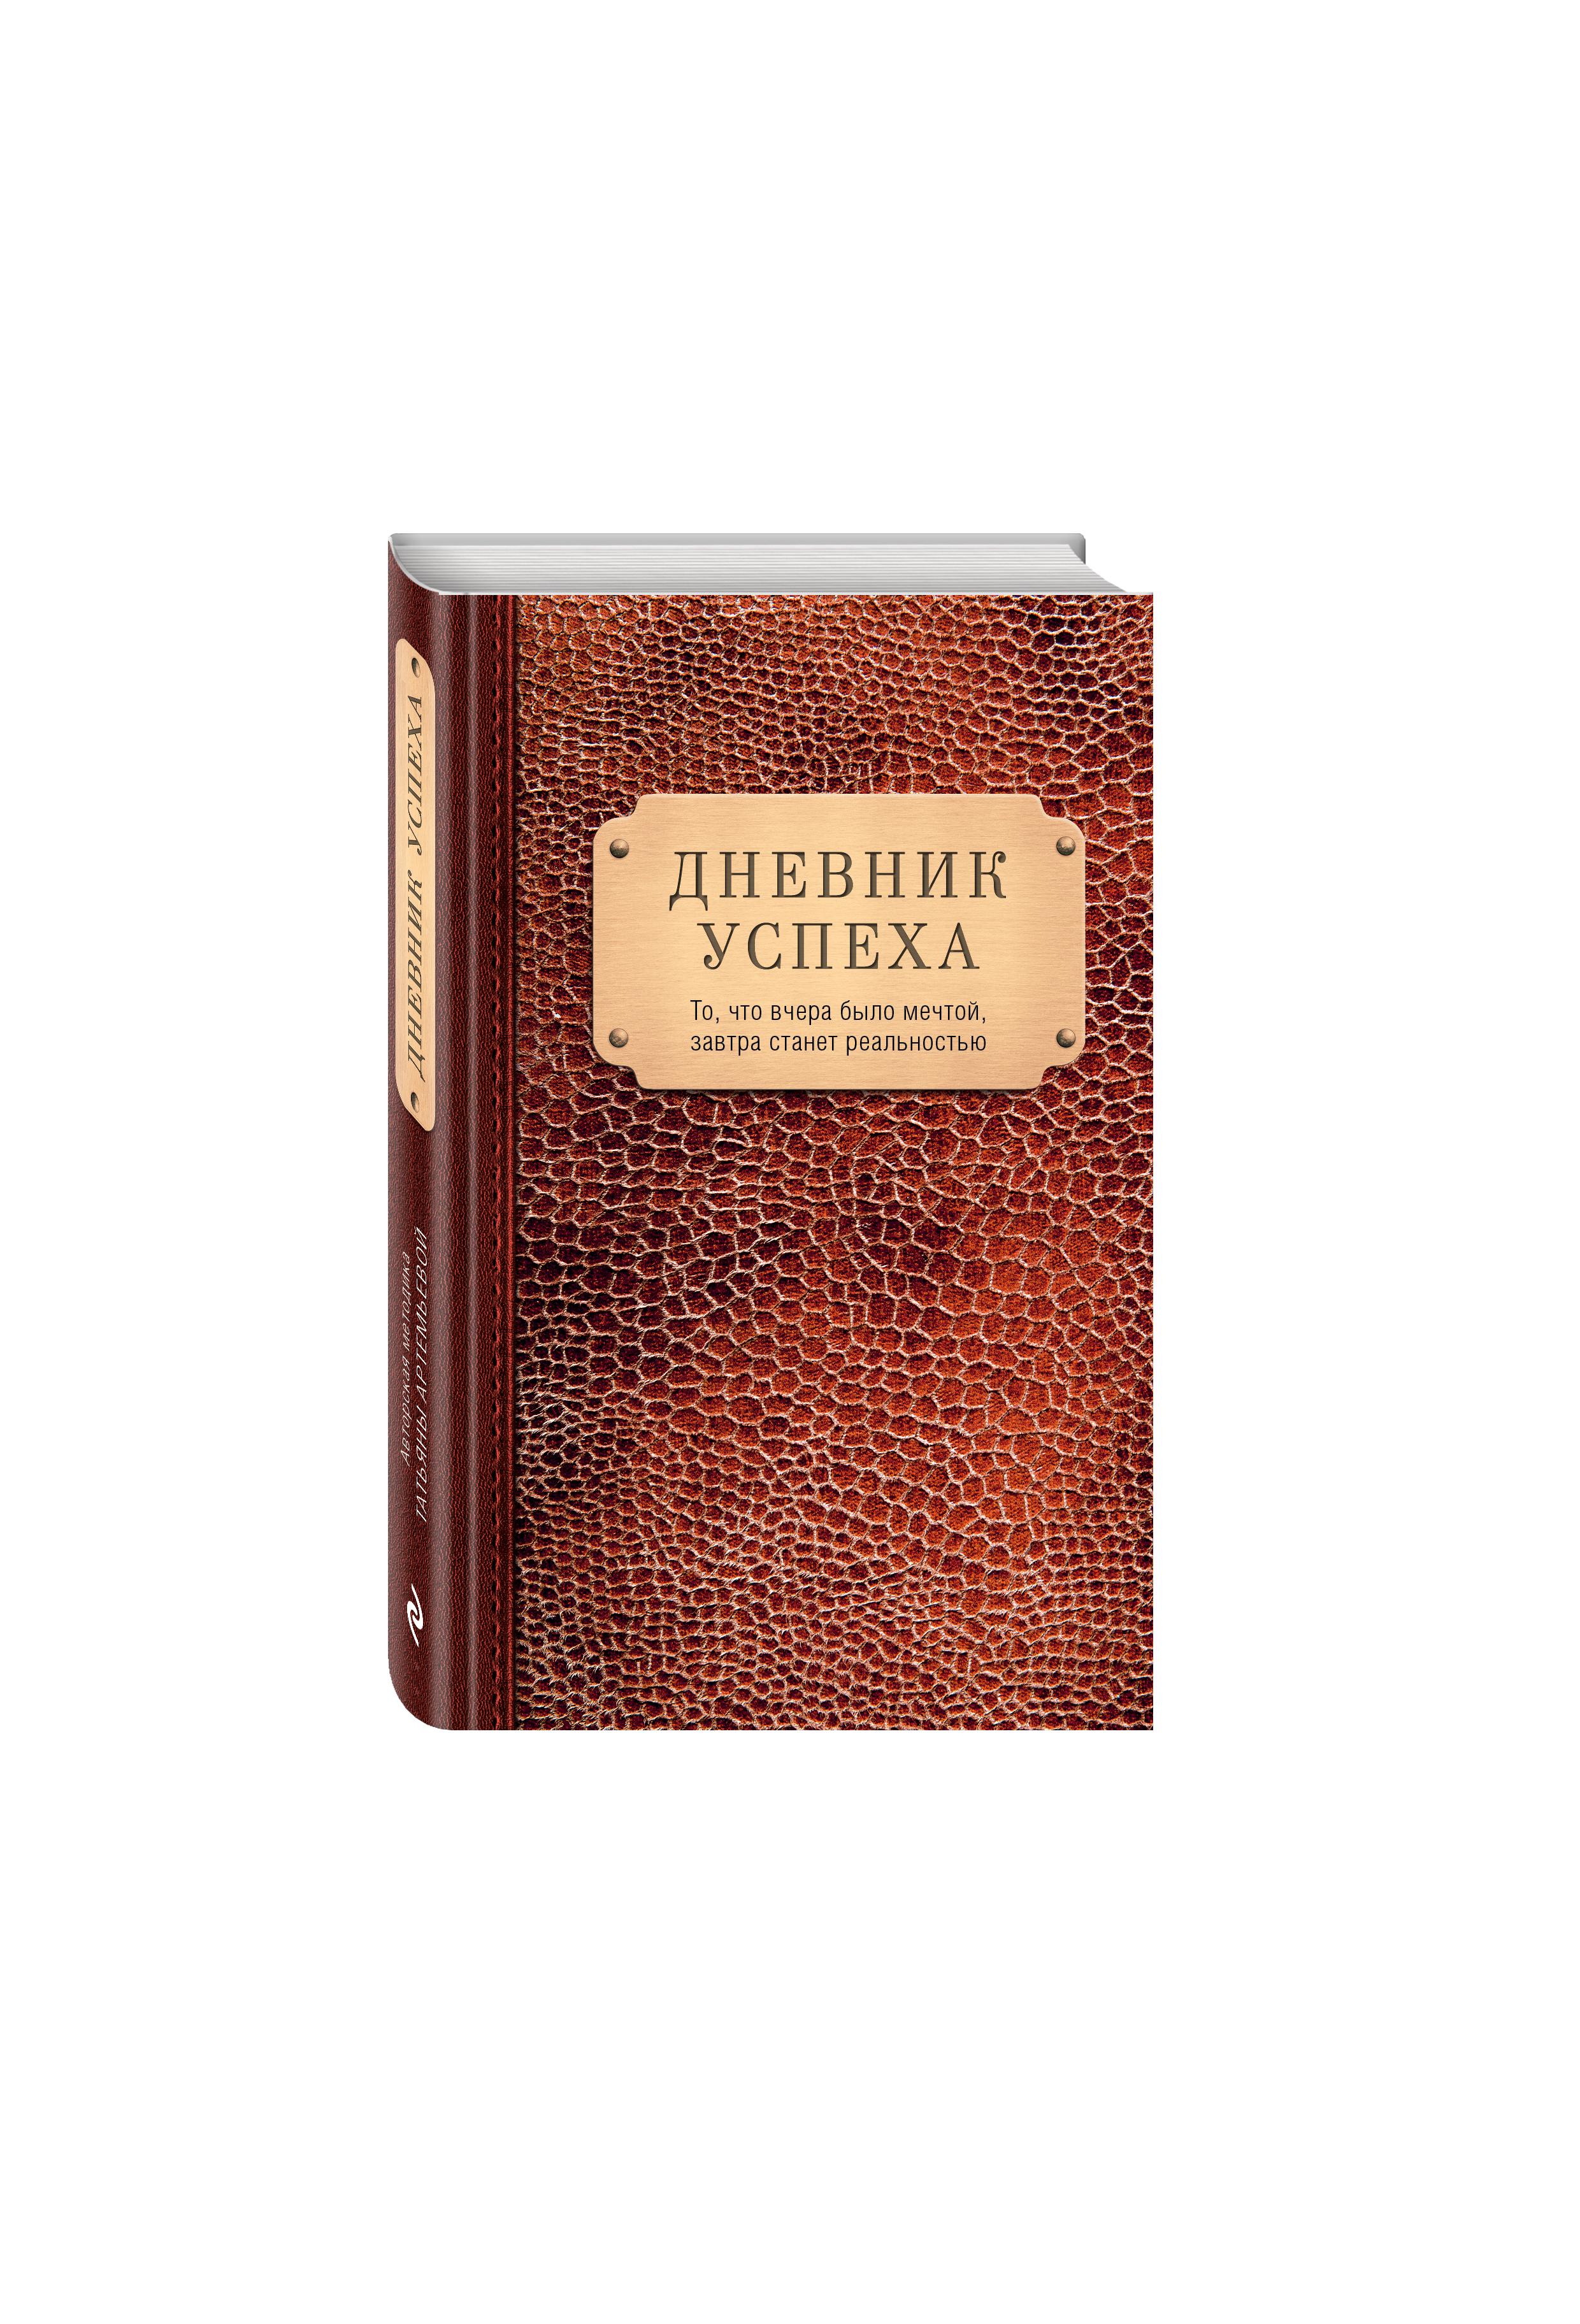 Артемьева Т. Дневник успеха (коричневый) ирина горюнова армянский дневник цавд танем